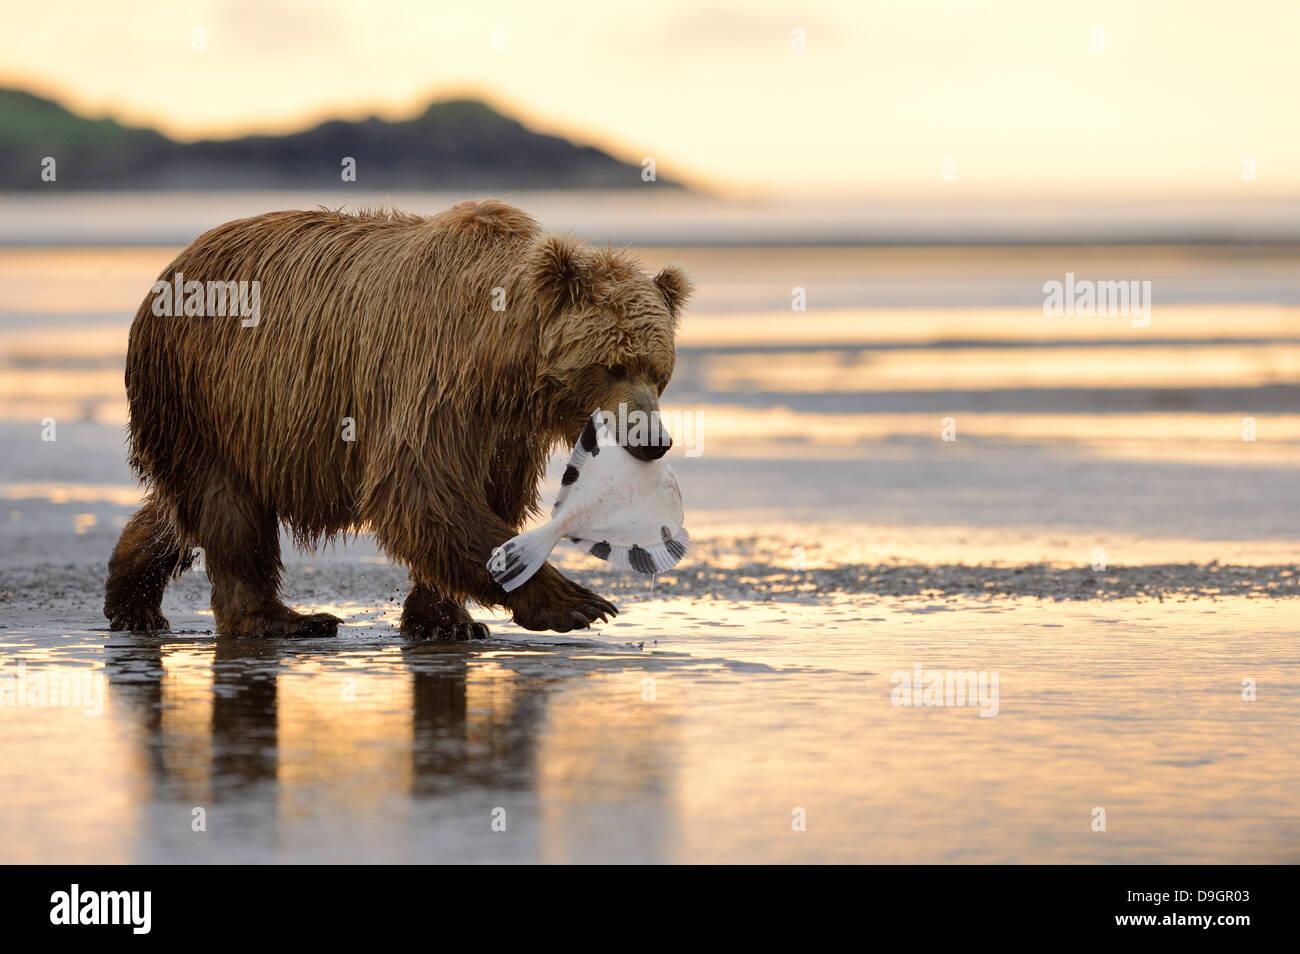 La marche de l'ours grizzli dans la bouche du poisson capturé avec Photo Stock